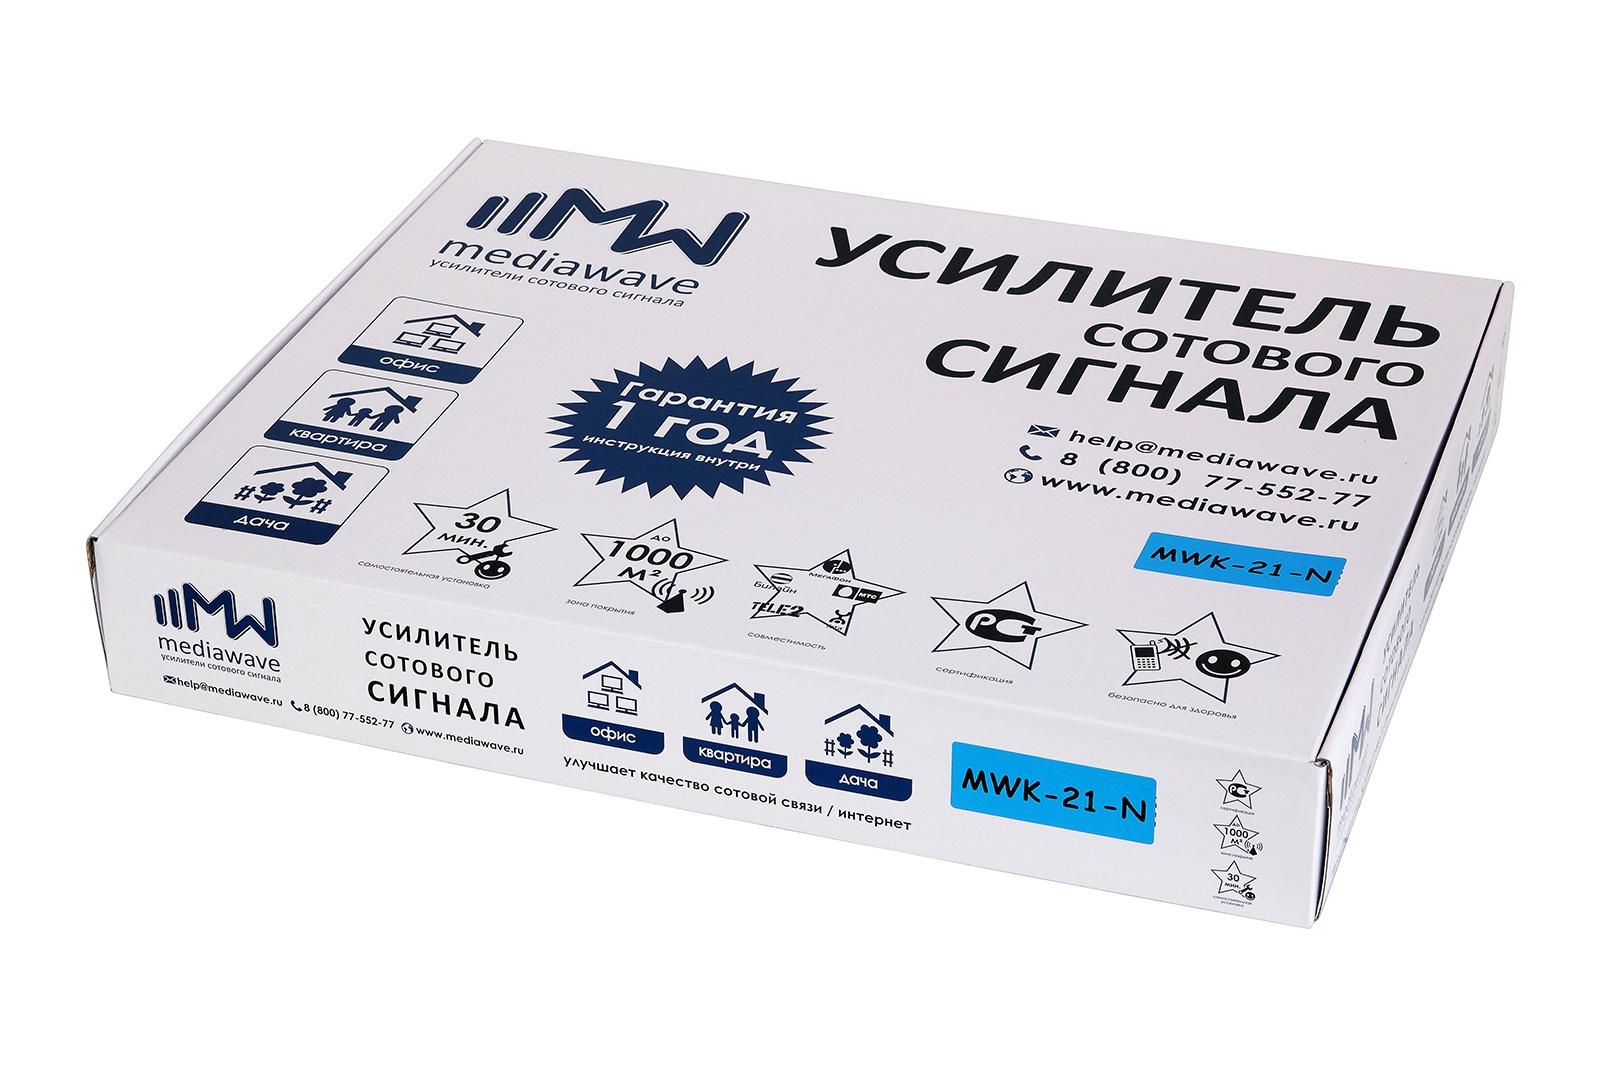 Усилитель (репитер) сотового сигнала 2100 МГц 3G MediaWave в комплекте (MWK-21-N, до 1000 м2)